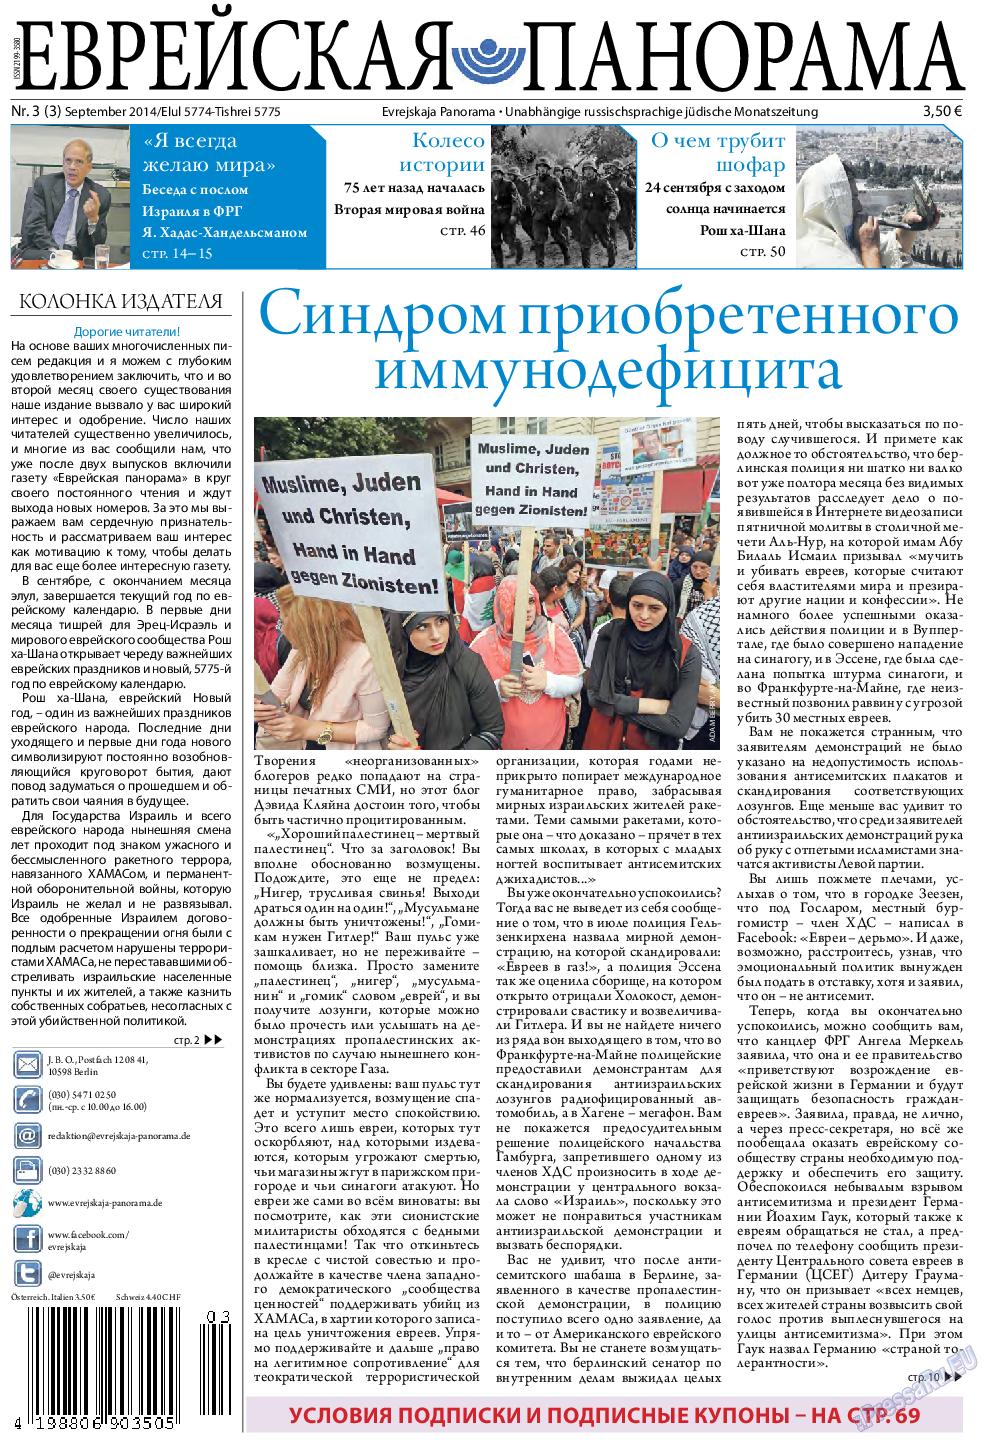 Еврейская панорама (газета). 2014 год, номер 3, стр. 1